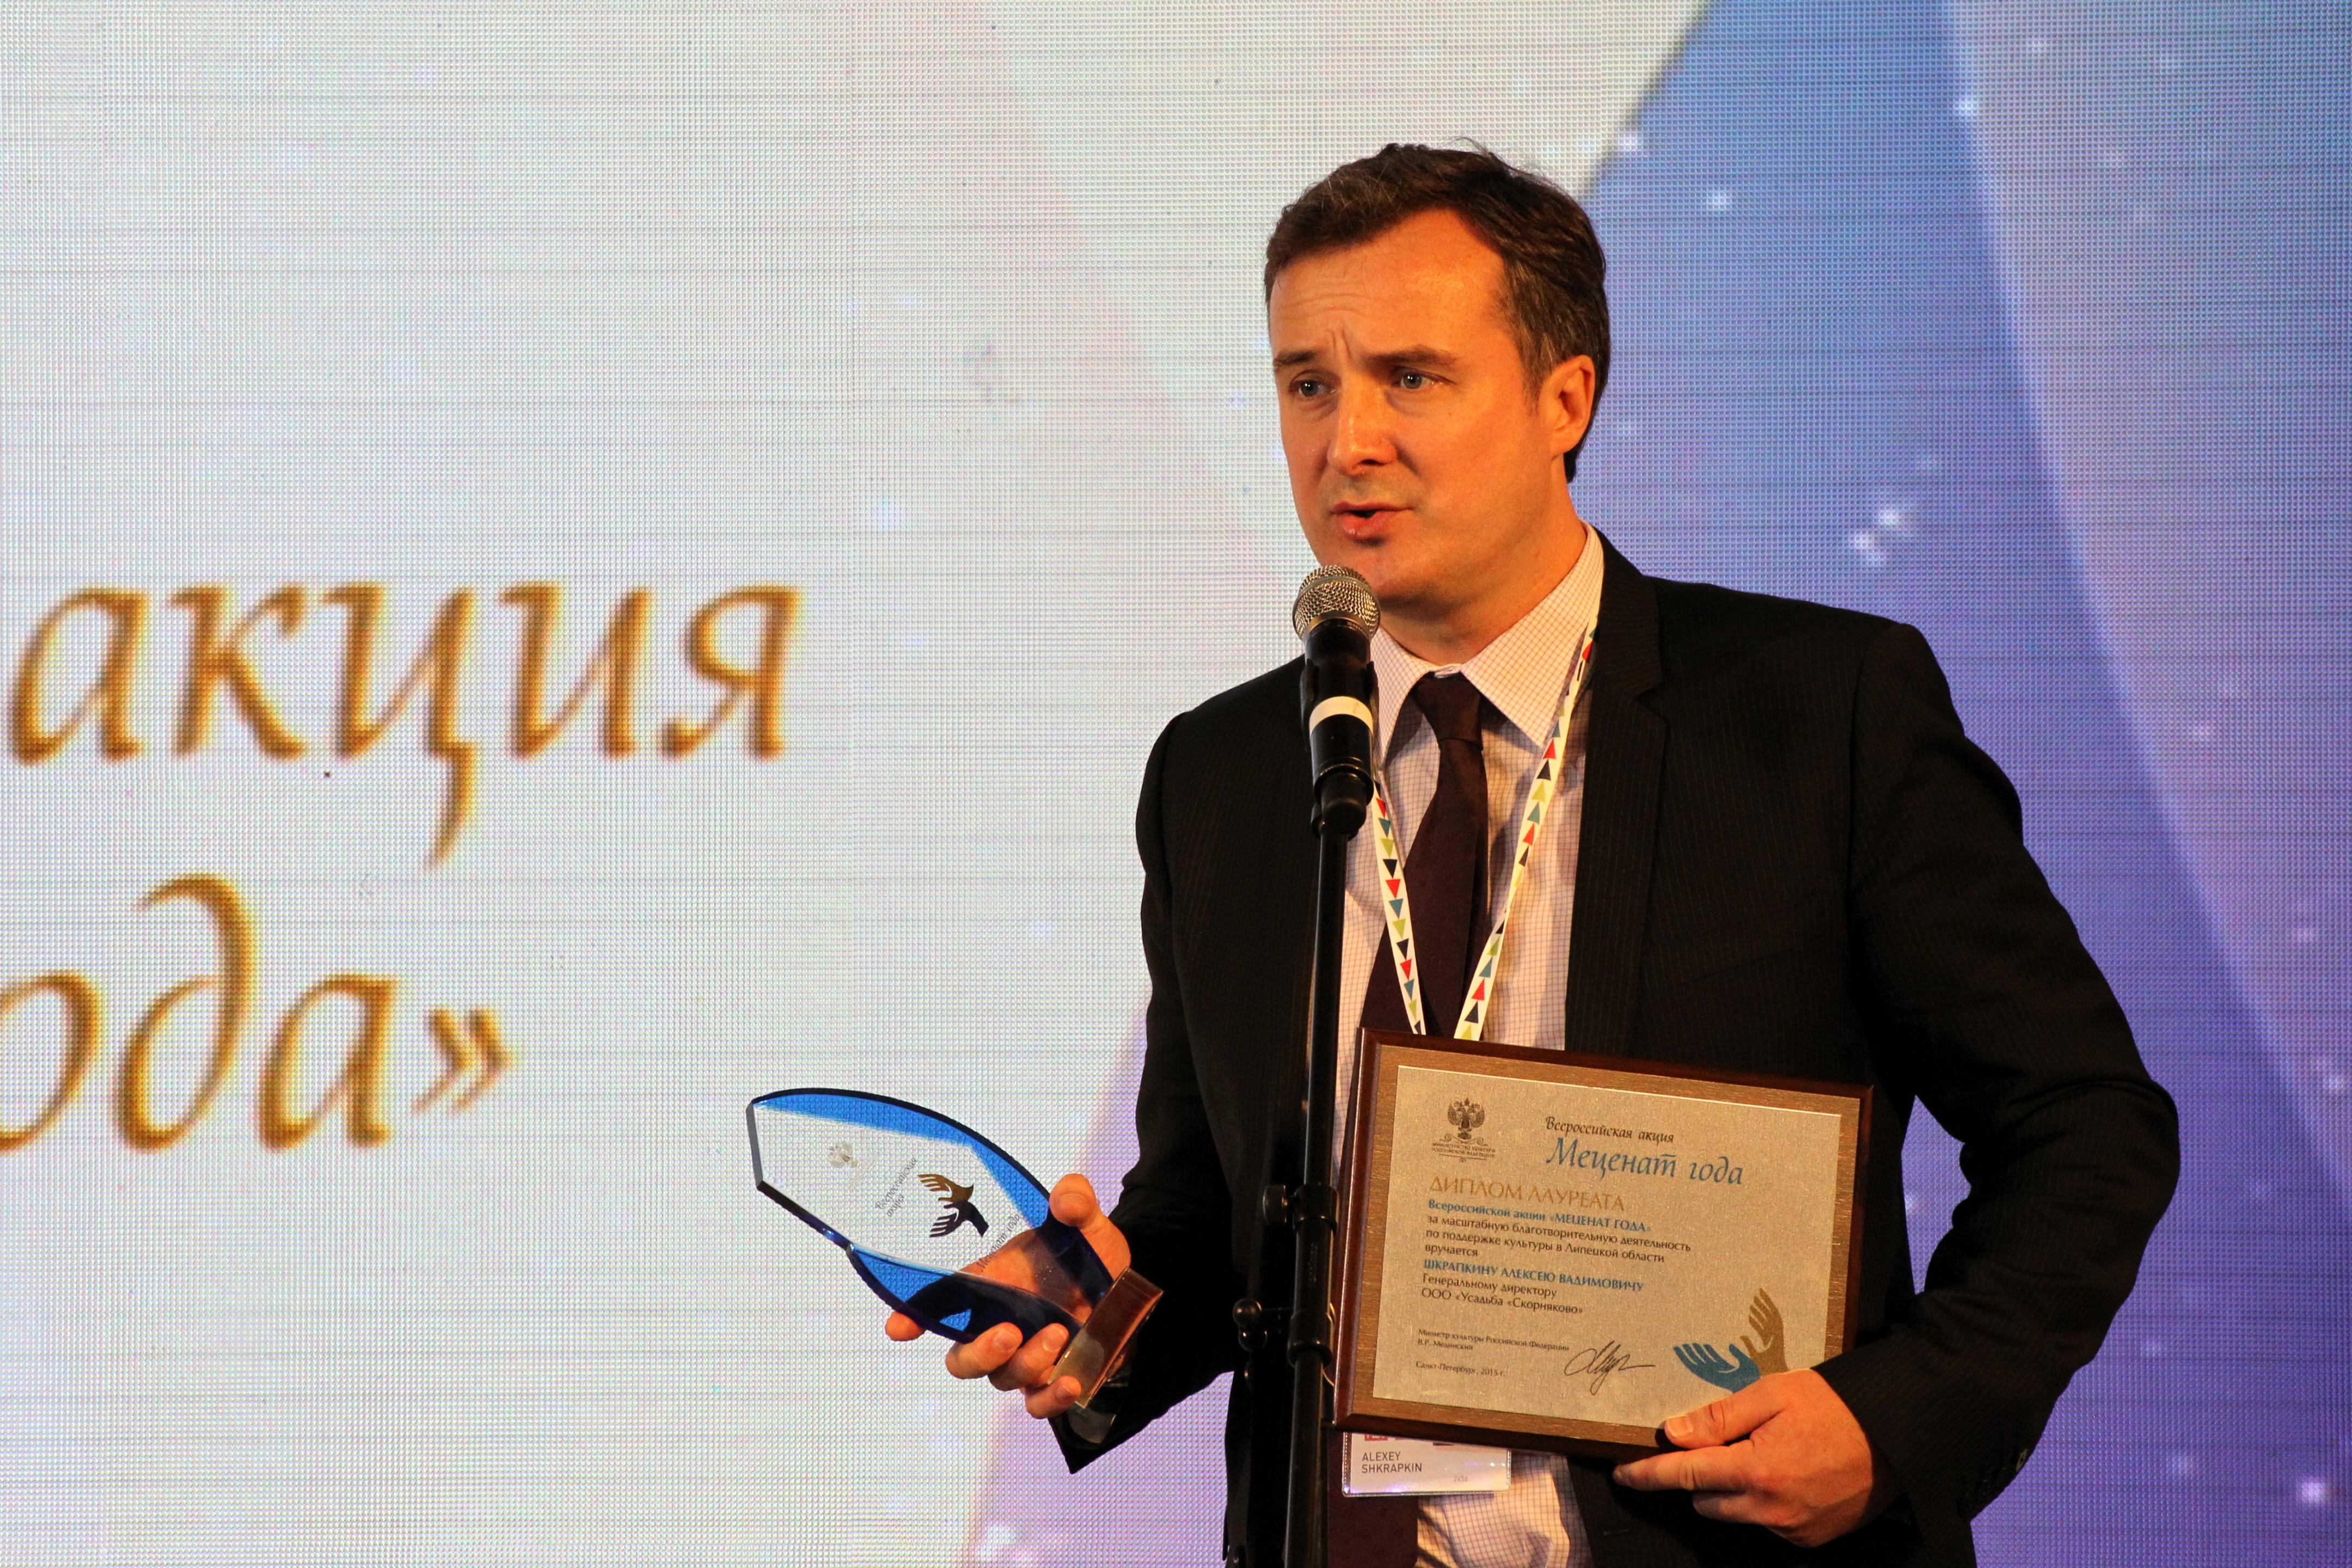 """Алексей Шкрапкин фото: Илья Снопченко / ИА """"Диалог"""""""